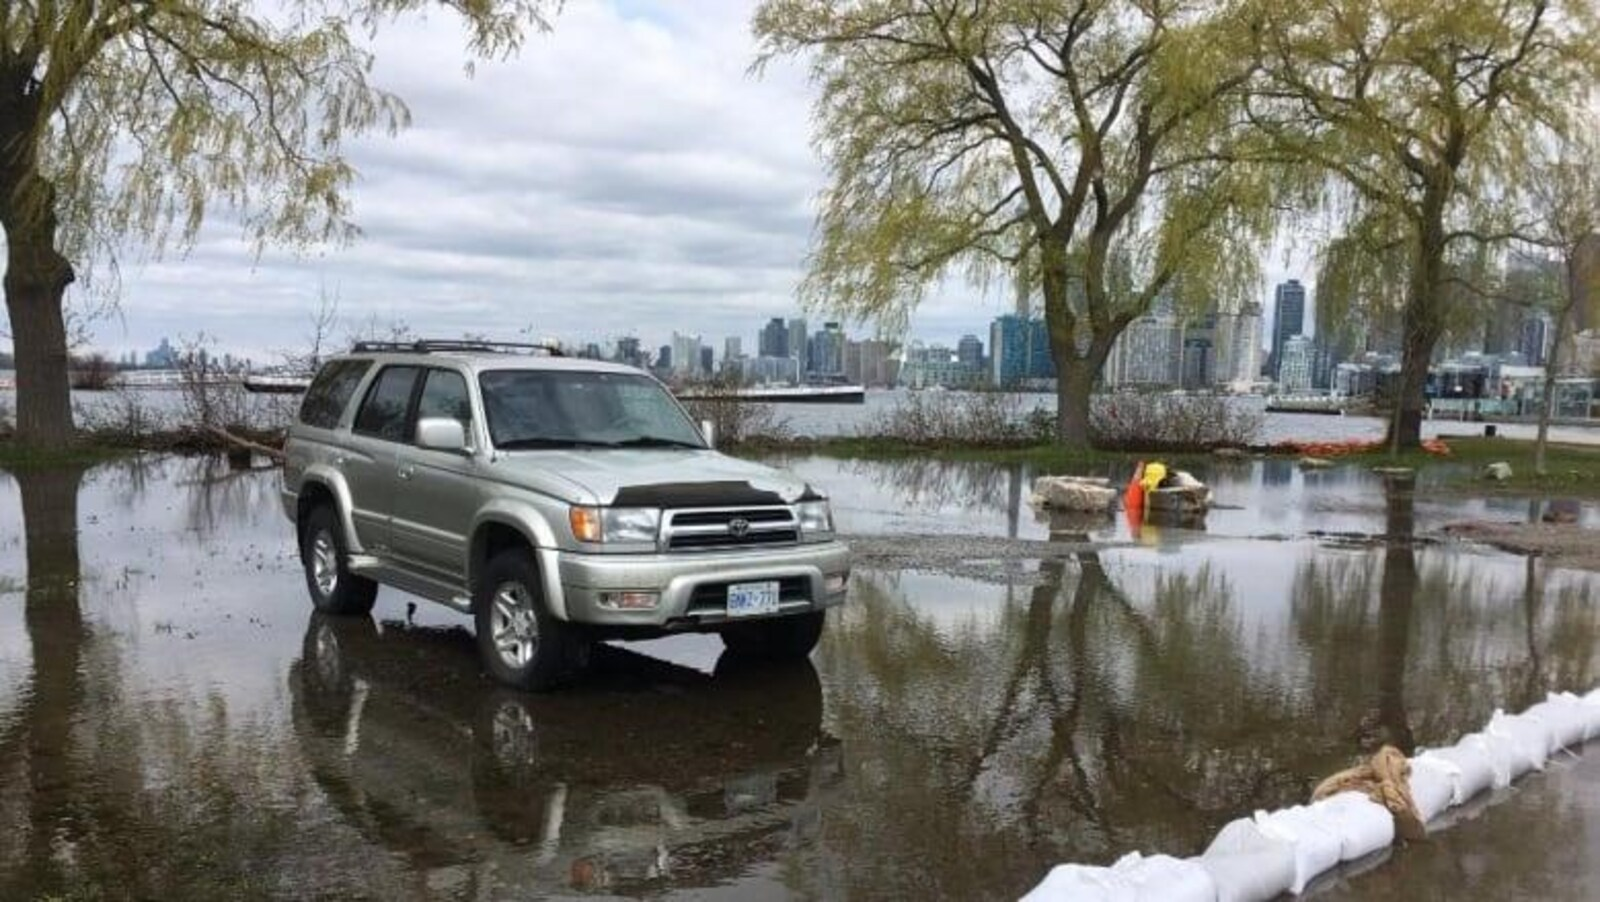 L'eau atteint un véhicule stationné près de la rive.